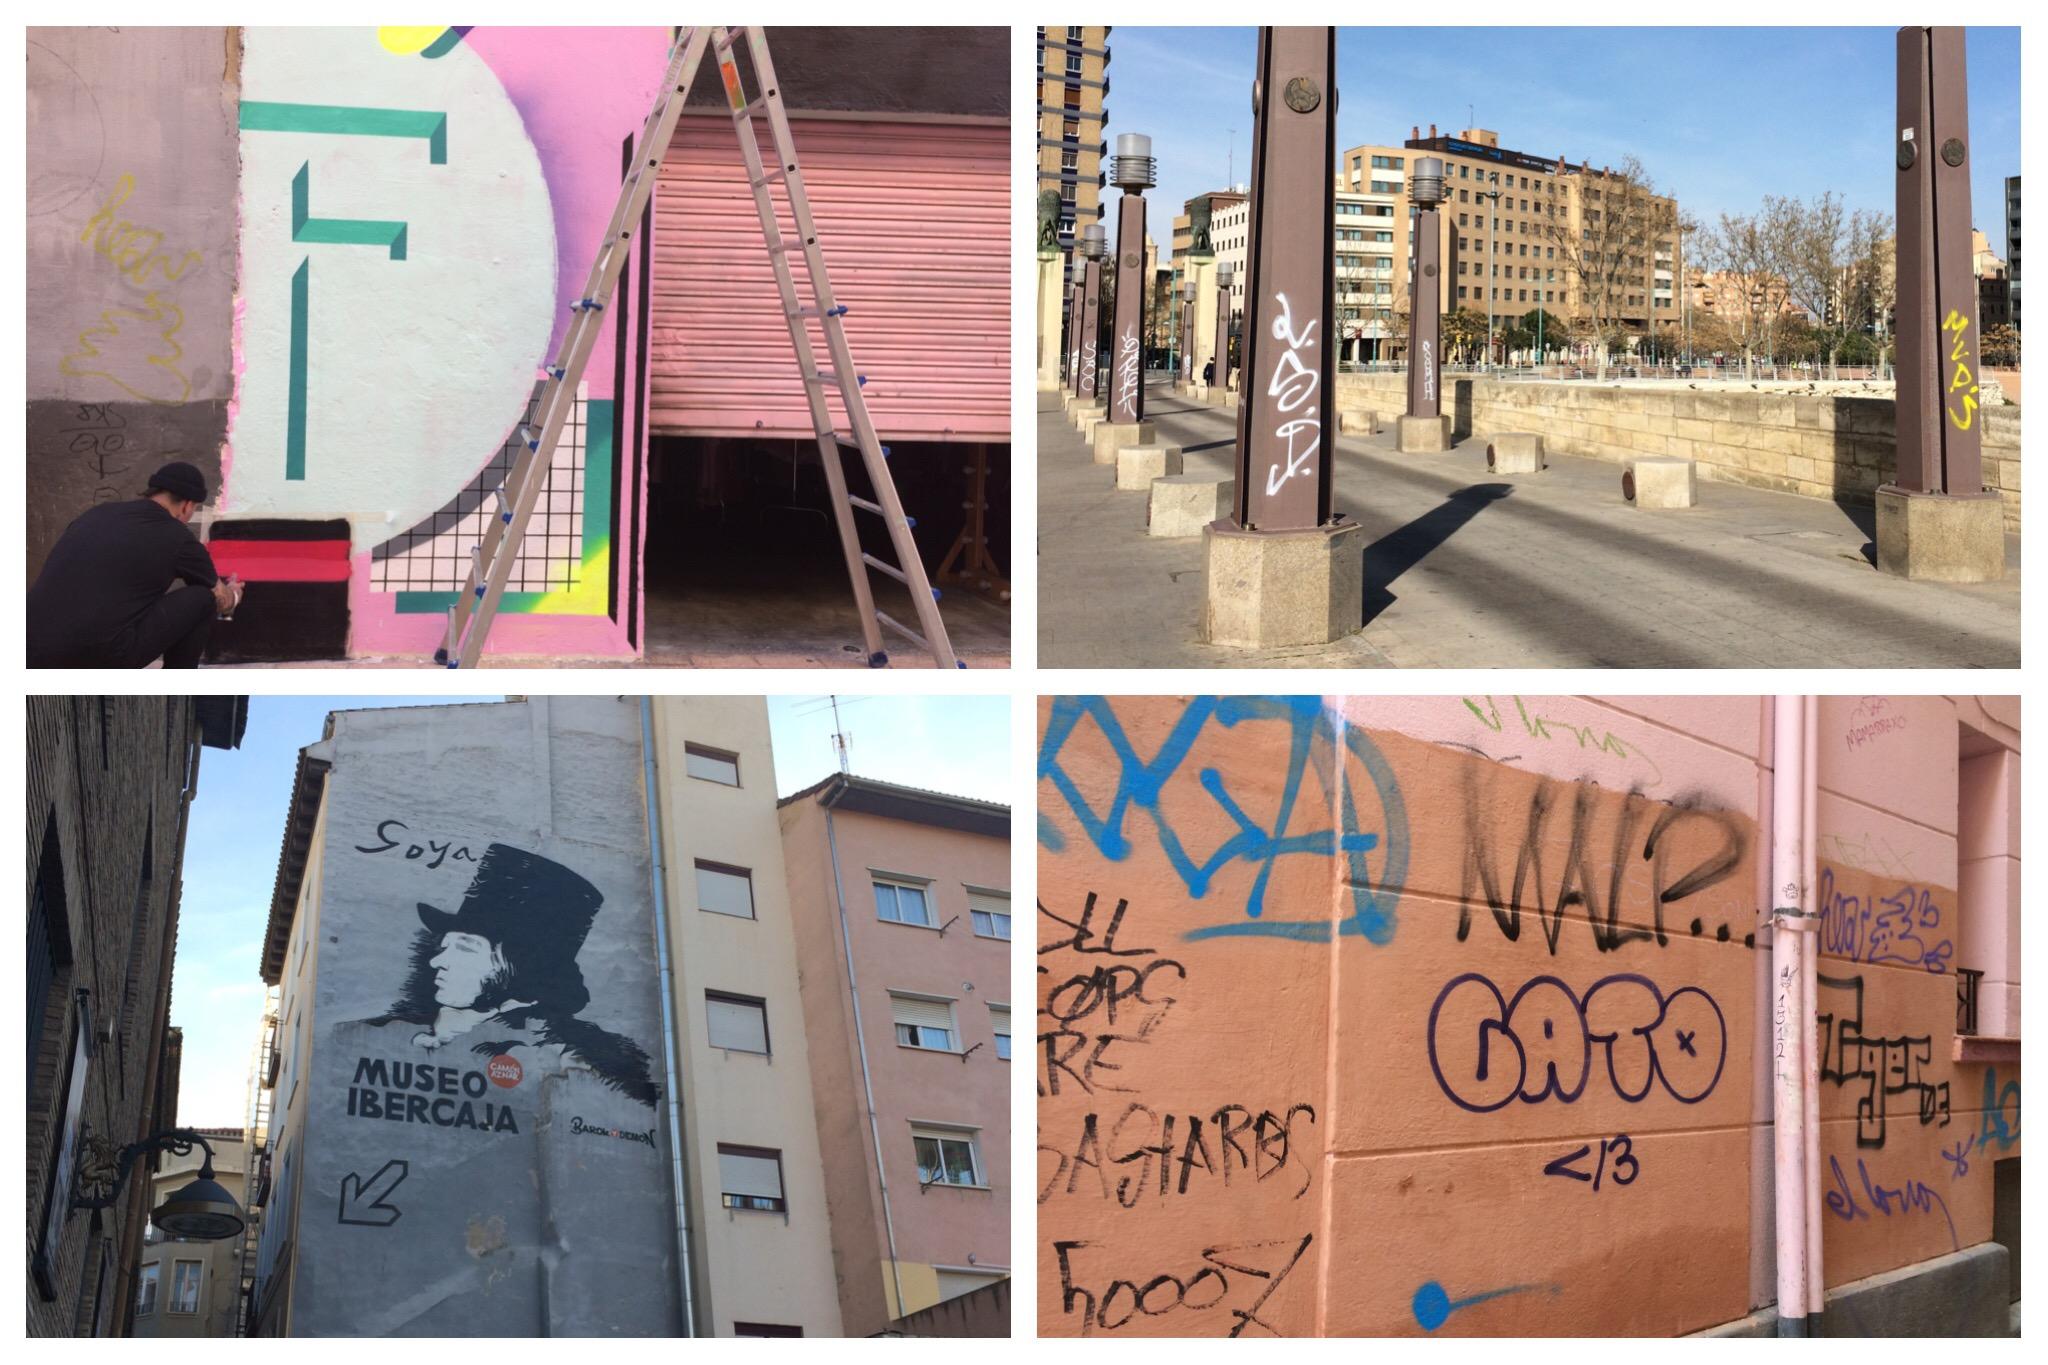 Zaragoza graffiti